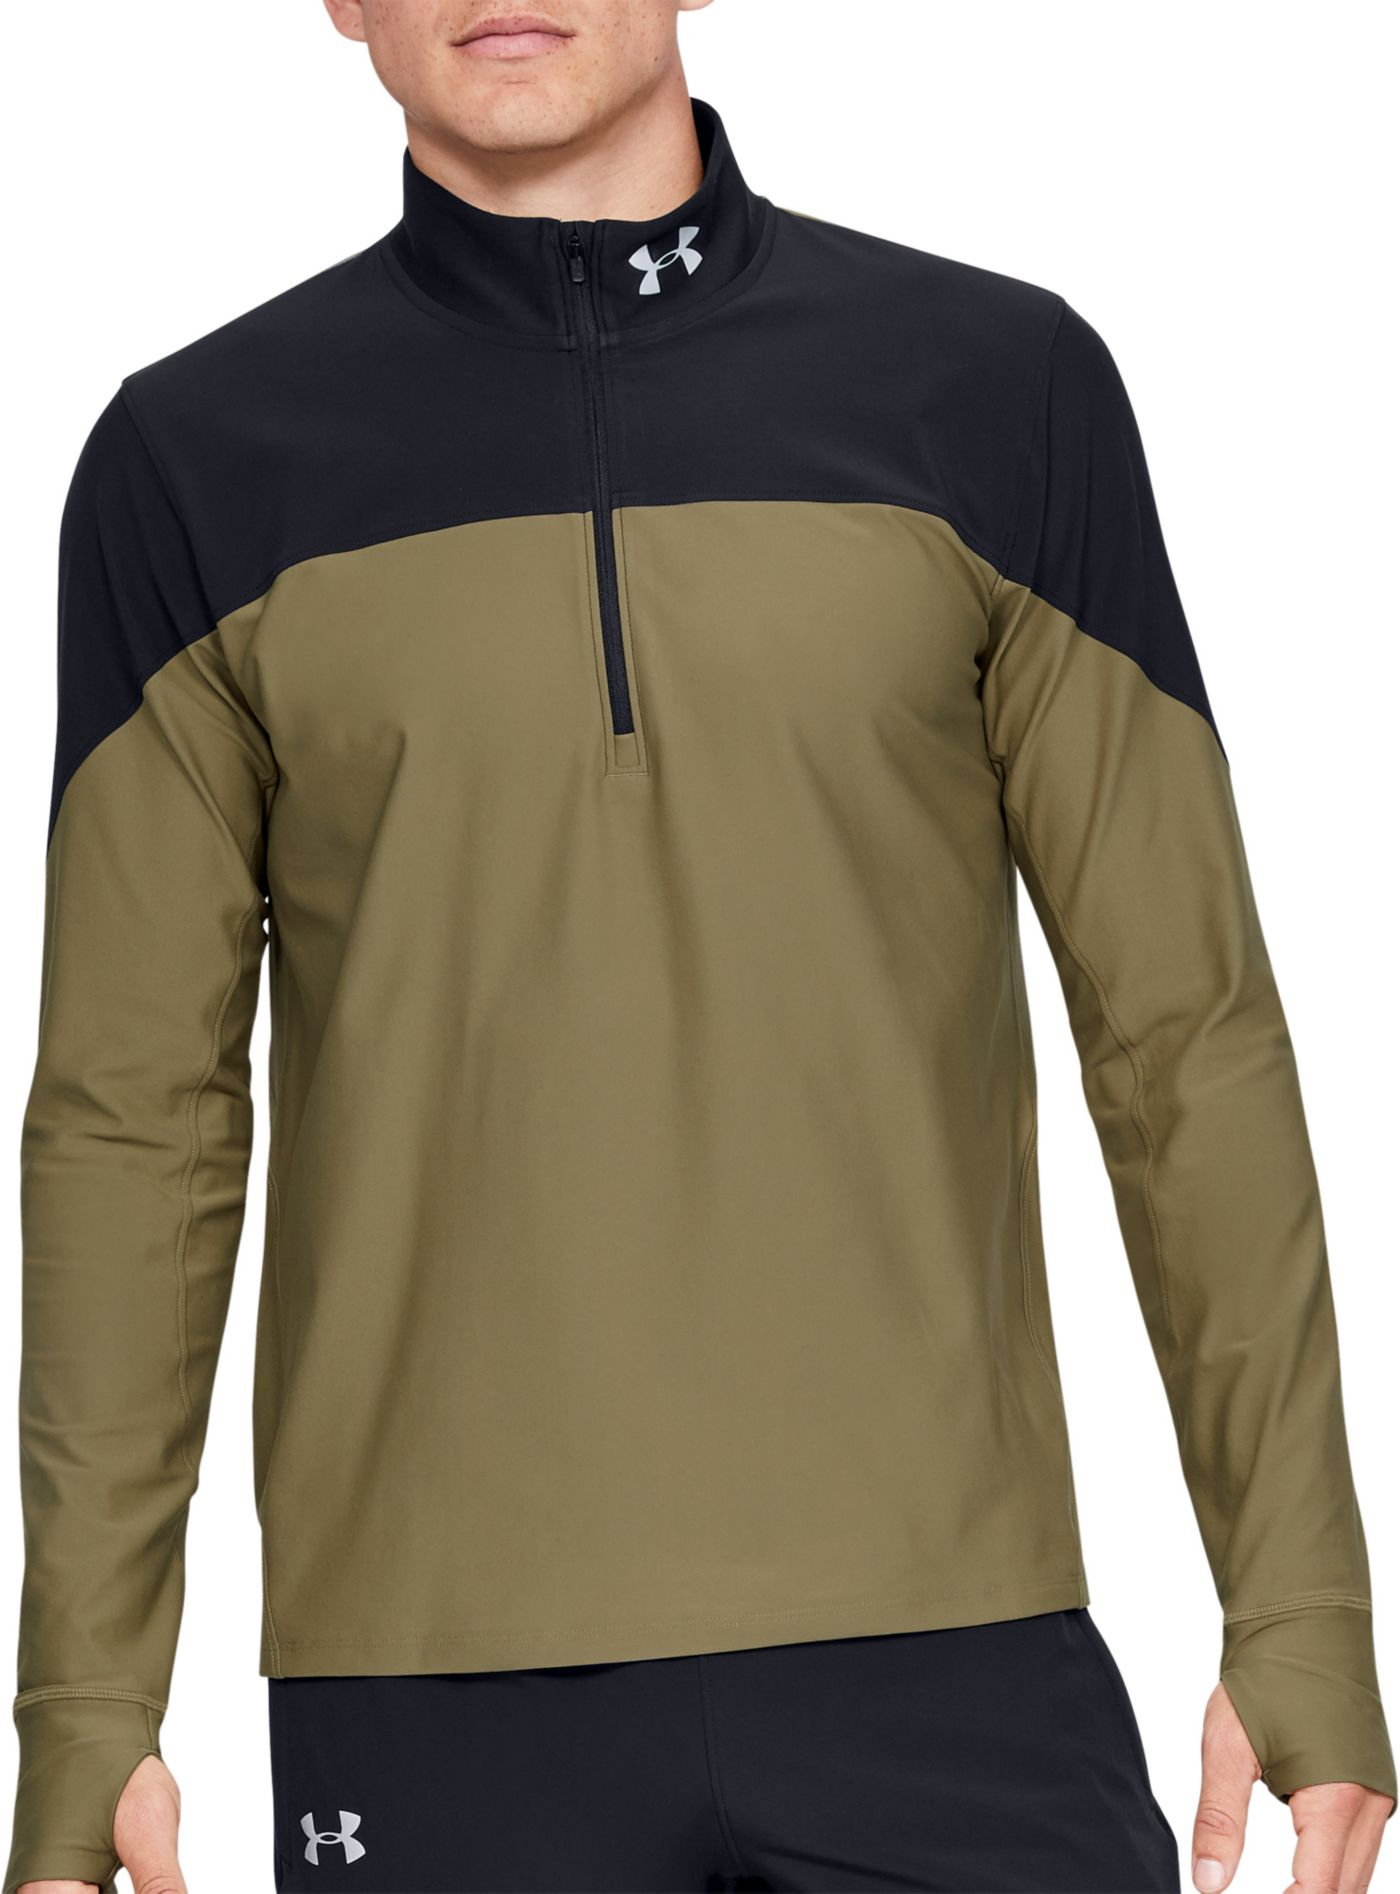 Under Armour Men's Qualifier ½ Zip Running Long Sleeve Shirt